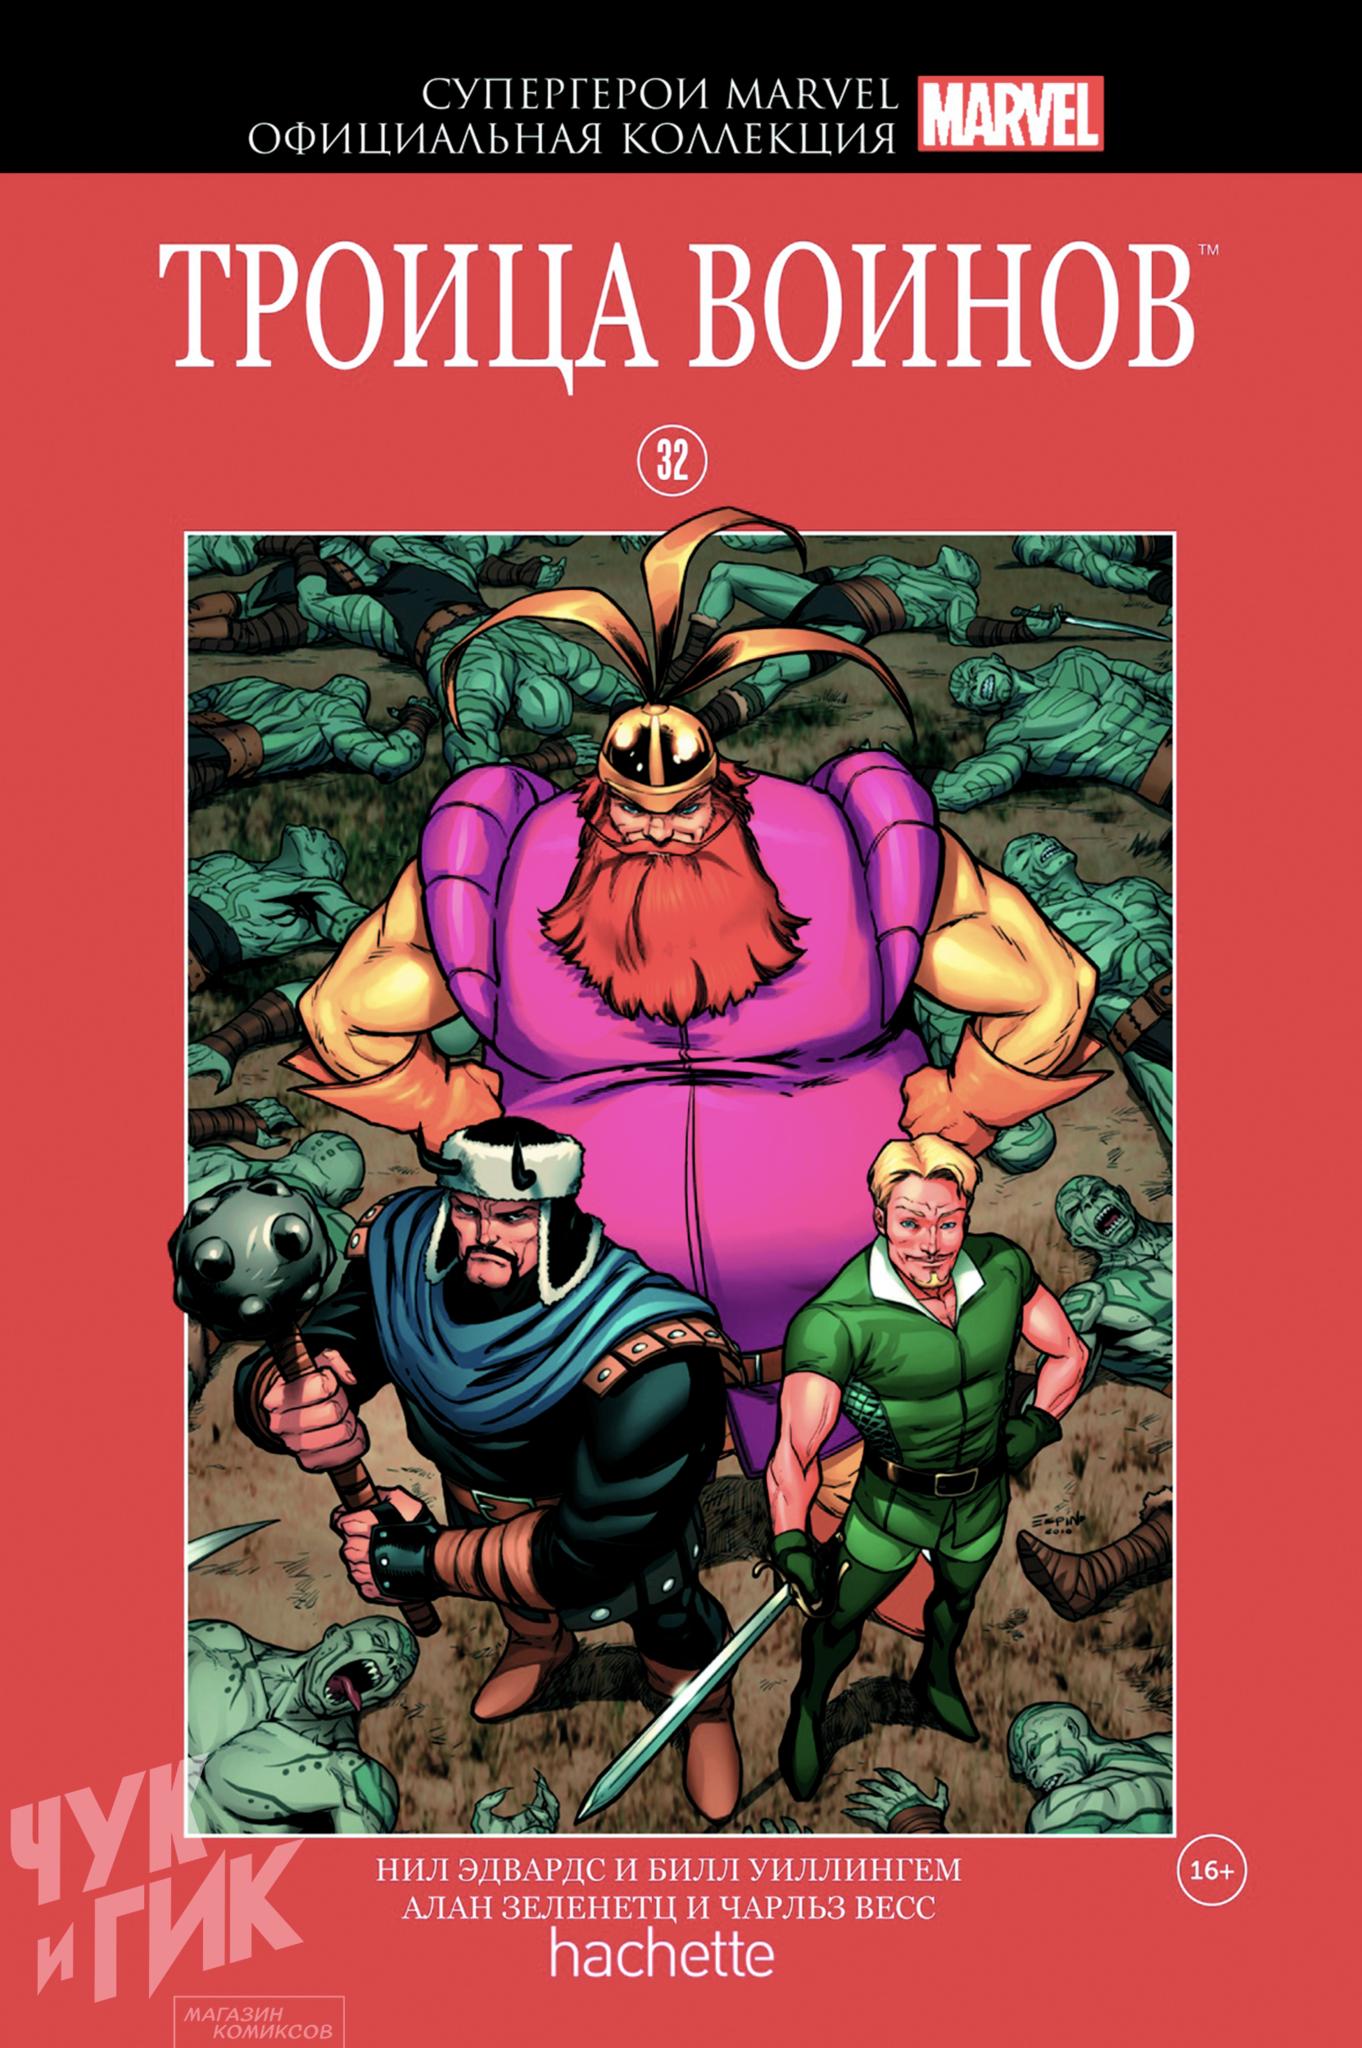 Супергерои Marvel. Официальная коллекция №32. Троица Воинов